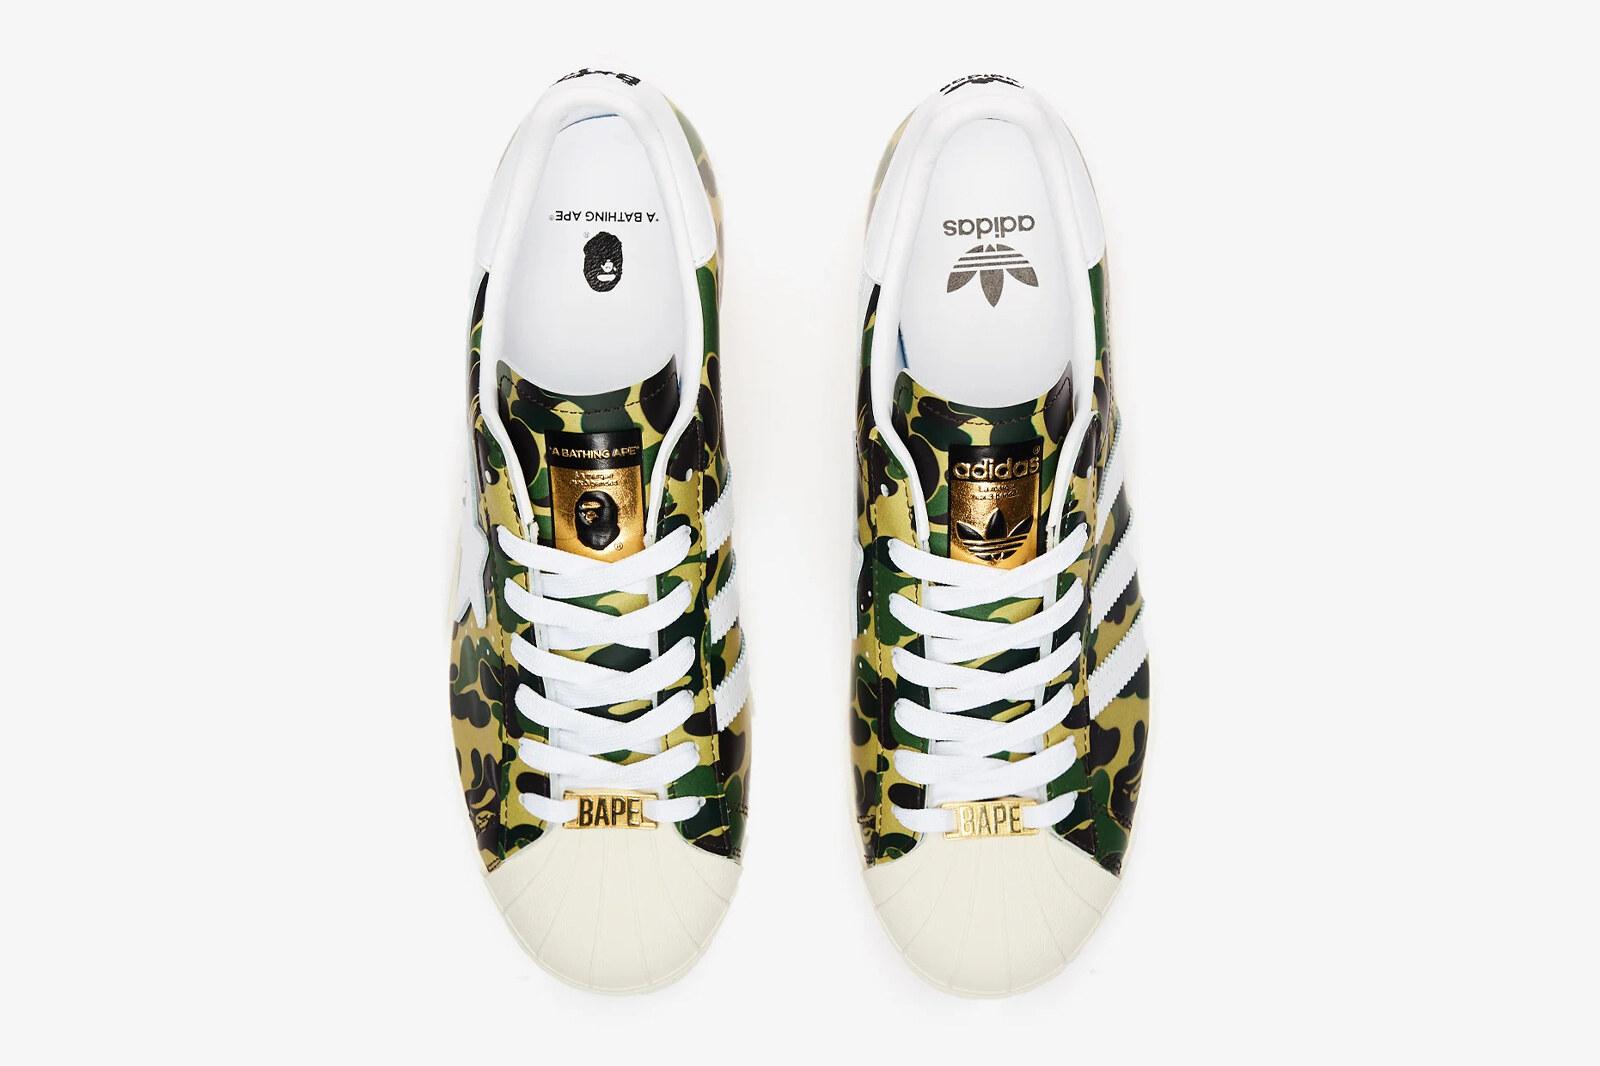 BAPE x adidas Superstar 80s